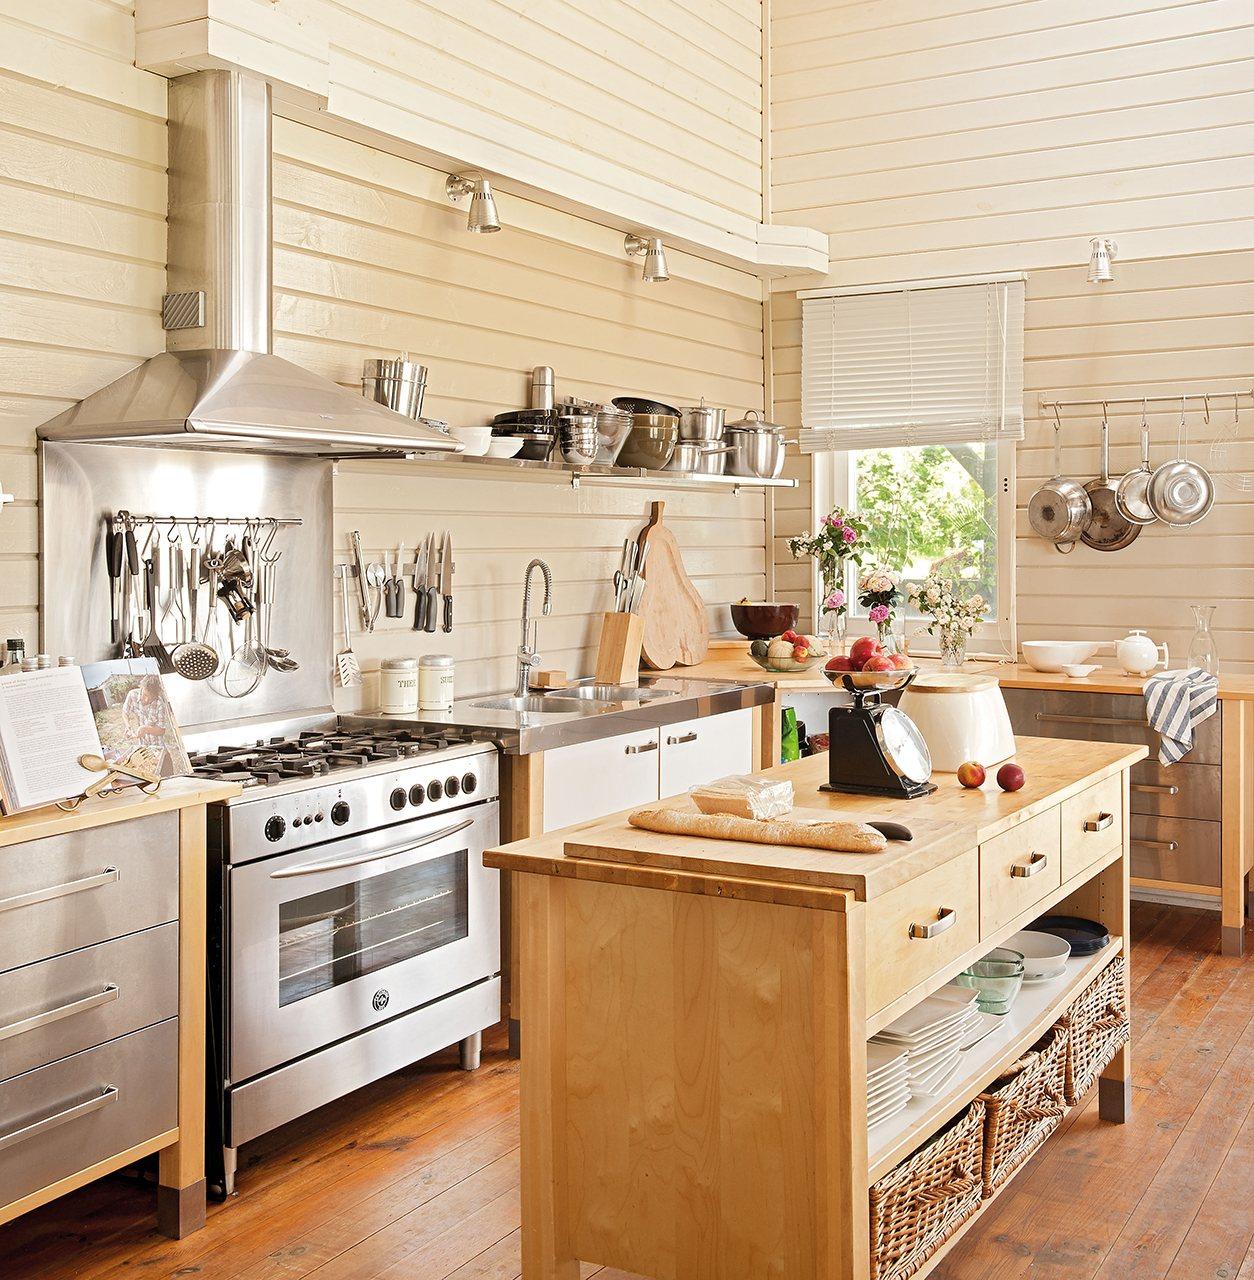 Vacaciones en la caba a for Islas de madera para cocina